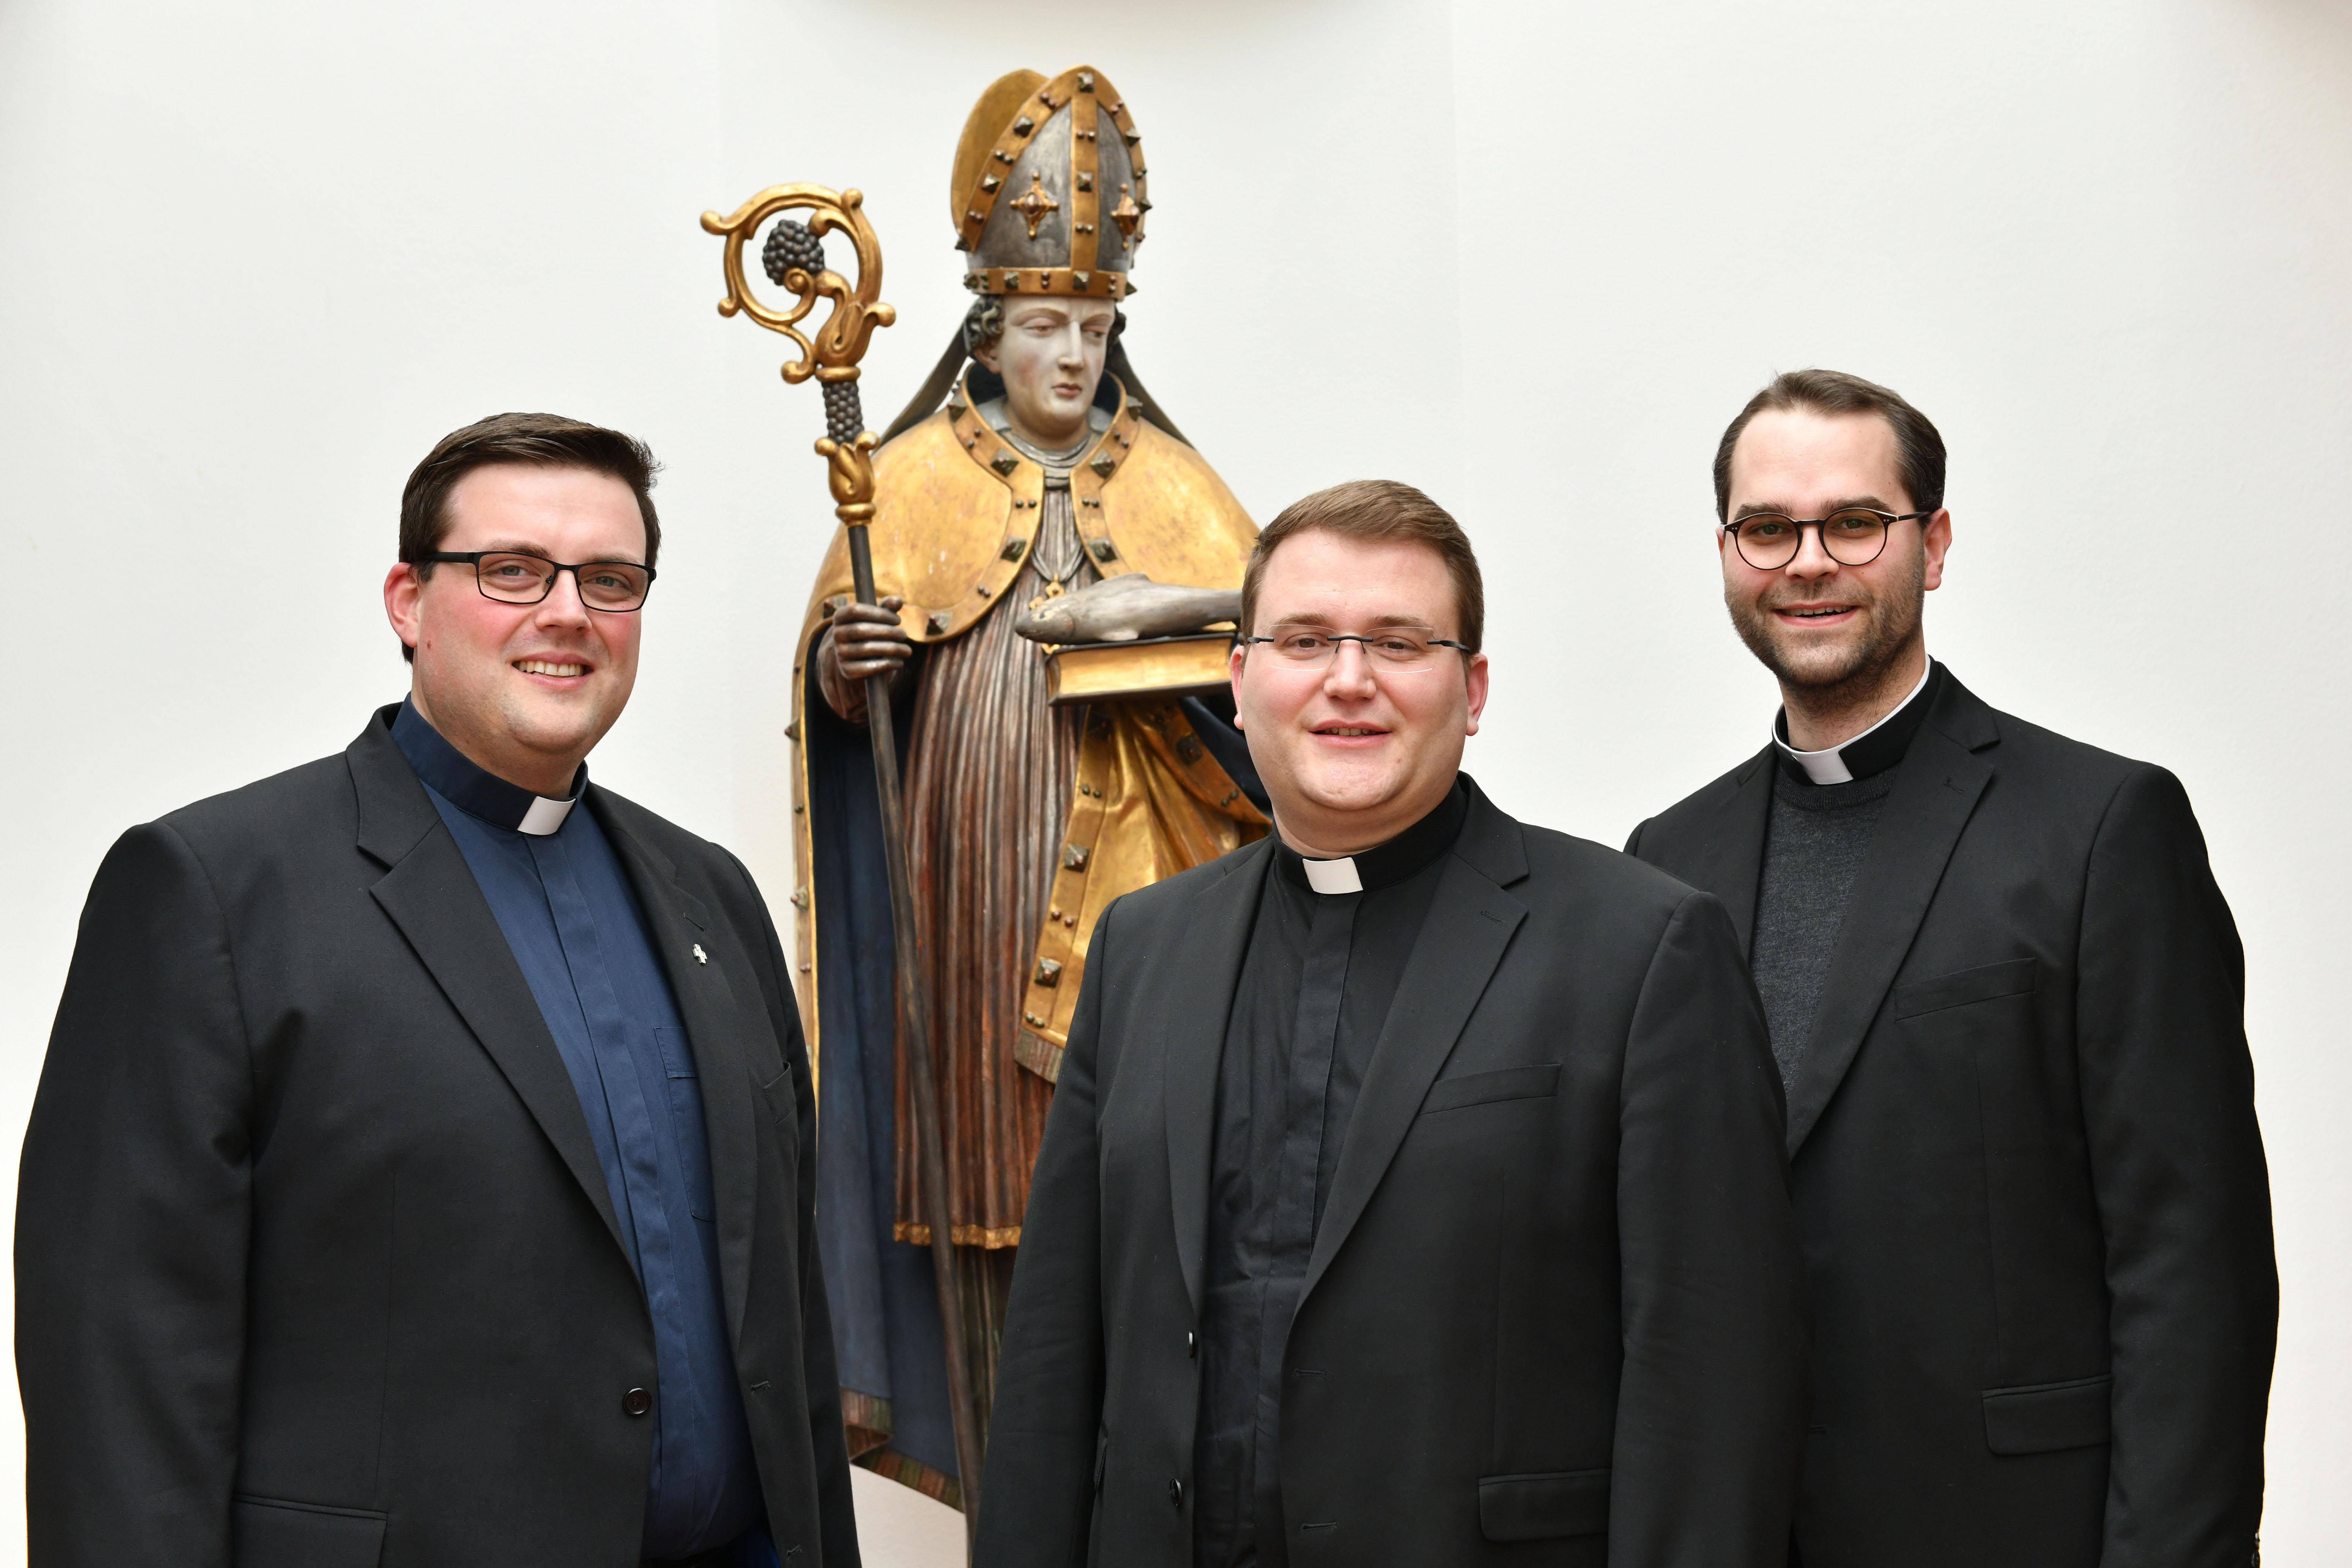 Die Diakone Florian Stadlmayr, Dominic Ehehalt und Dominik Loy (v.l.) werden am 30. Juni zu Priestern geweiht. (Fotos: Daniel Jäckel/pba)